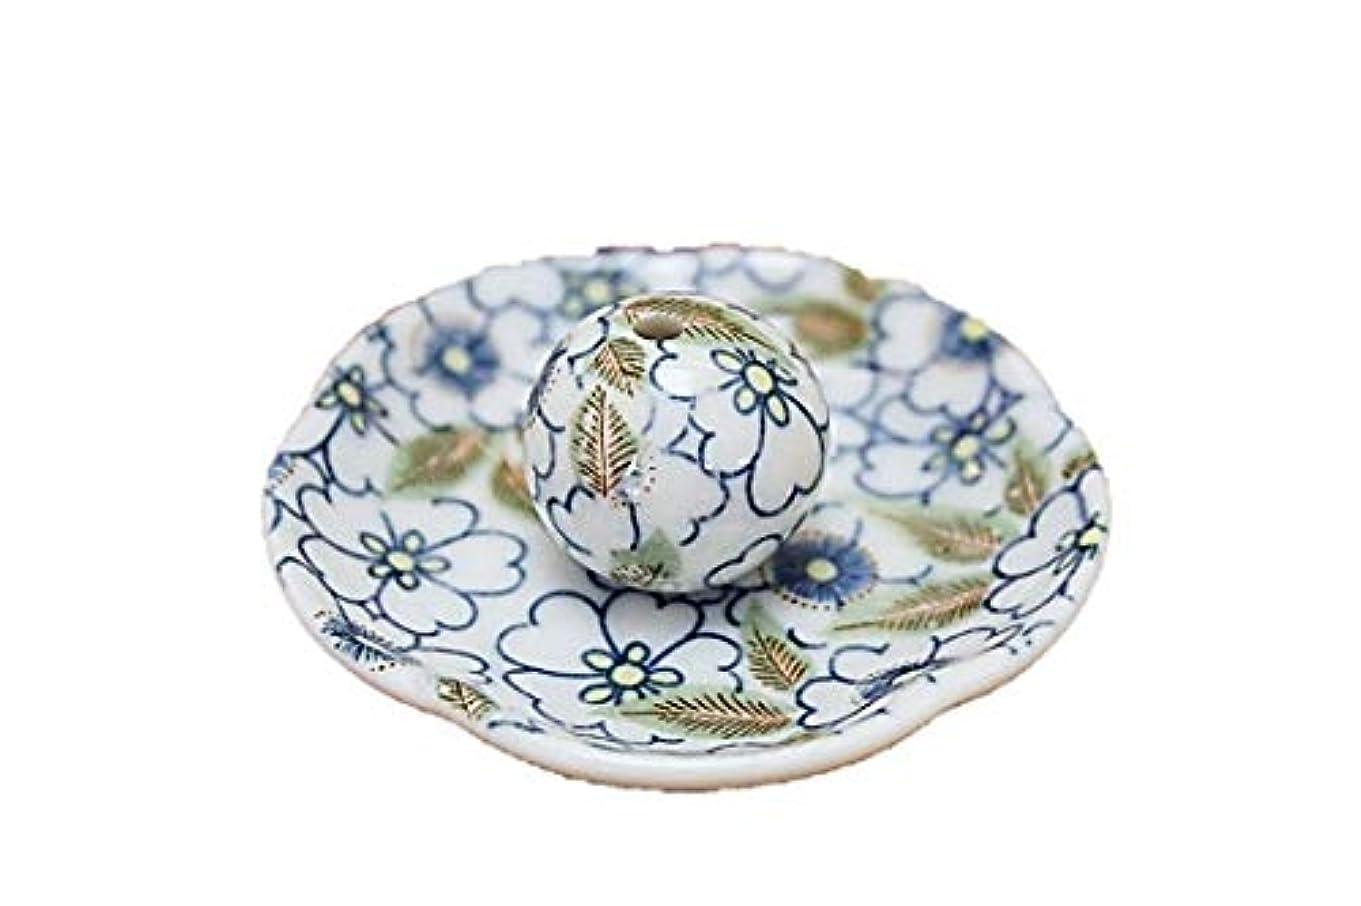 結婚する十分です教えて藍華柳 花形香皿 お香立て お香たて 日本製 ACSWEBSHOPオリジナル